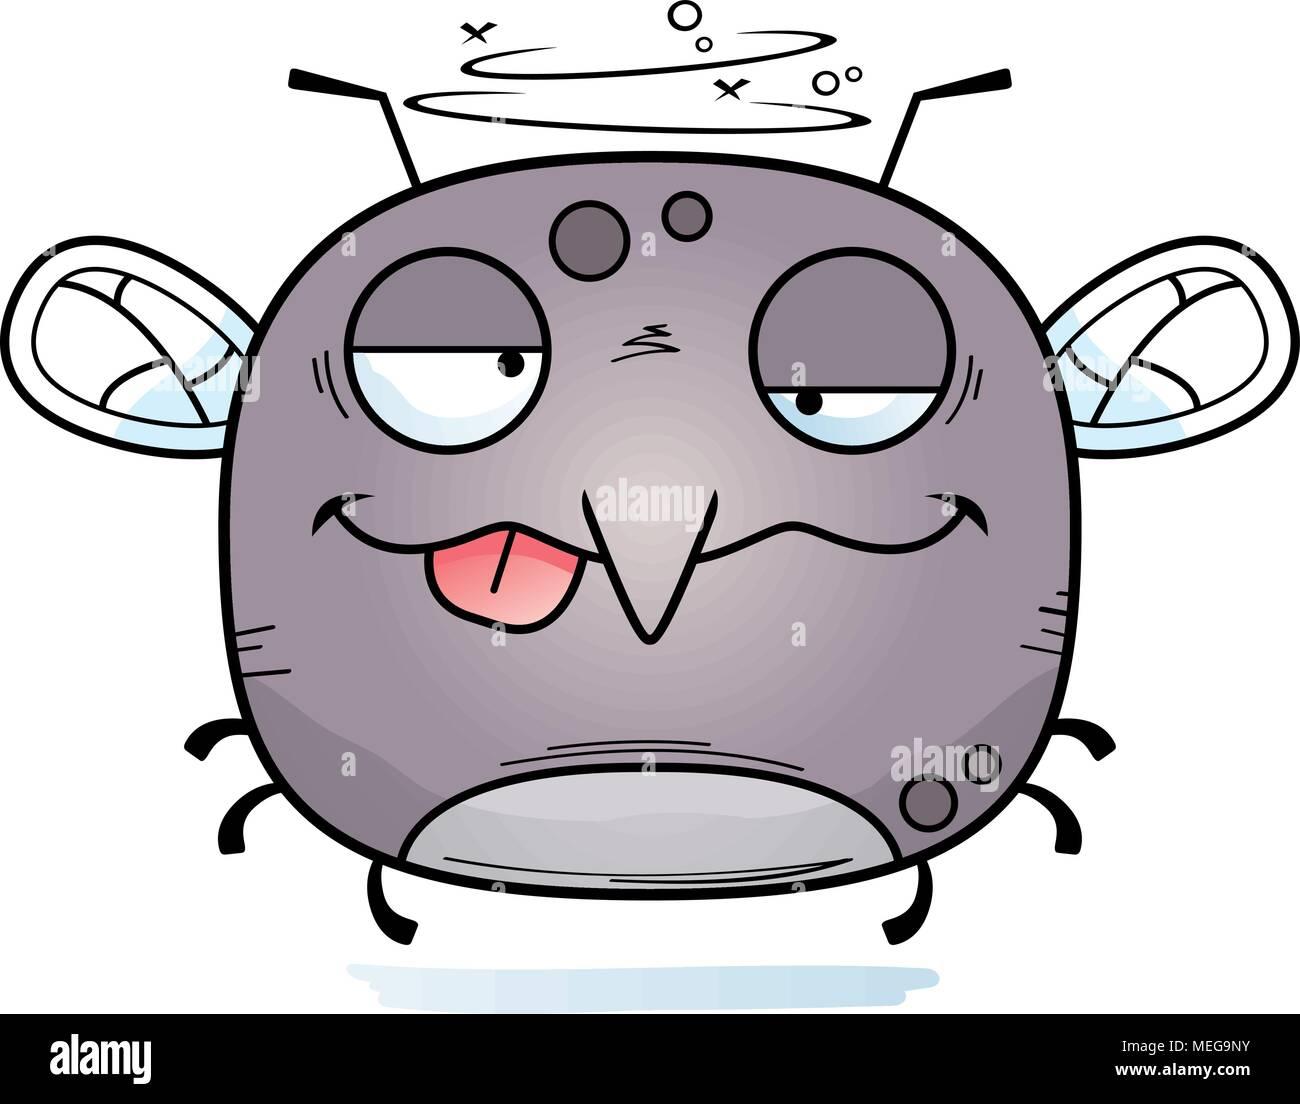 Un cartoon illustrazione di una zanzara cercando ubriaco